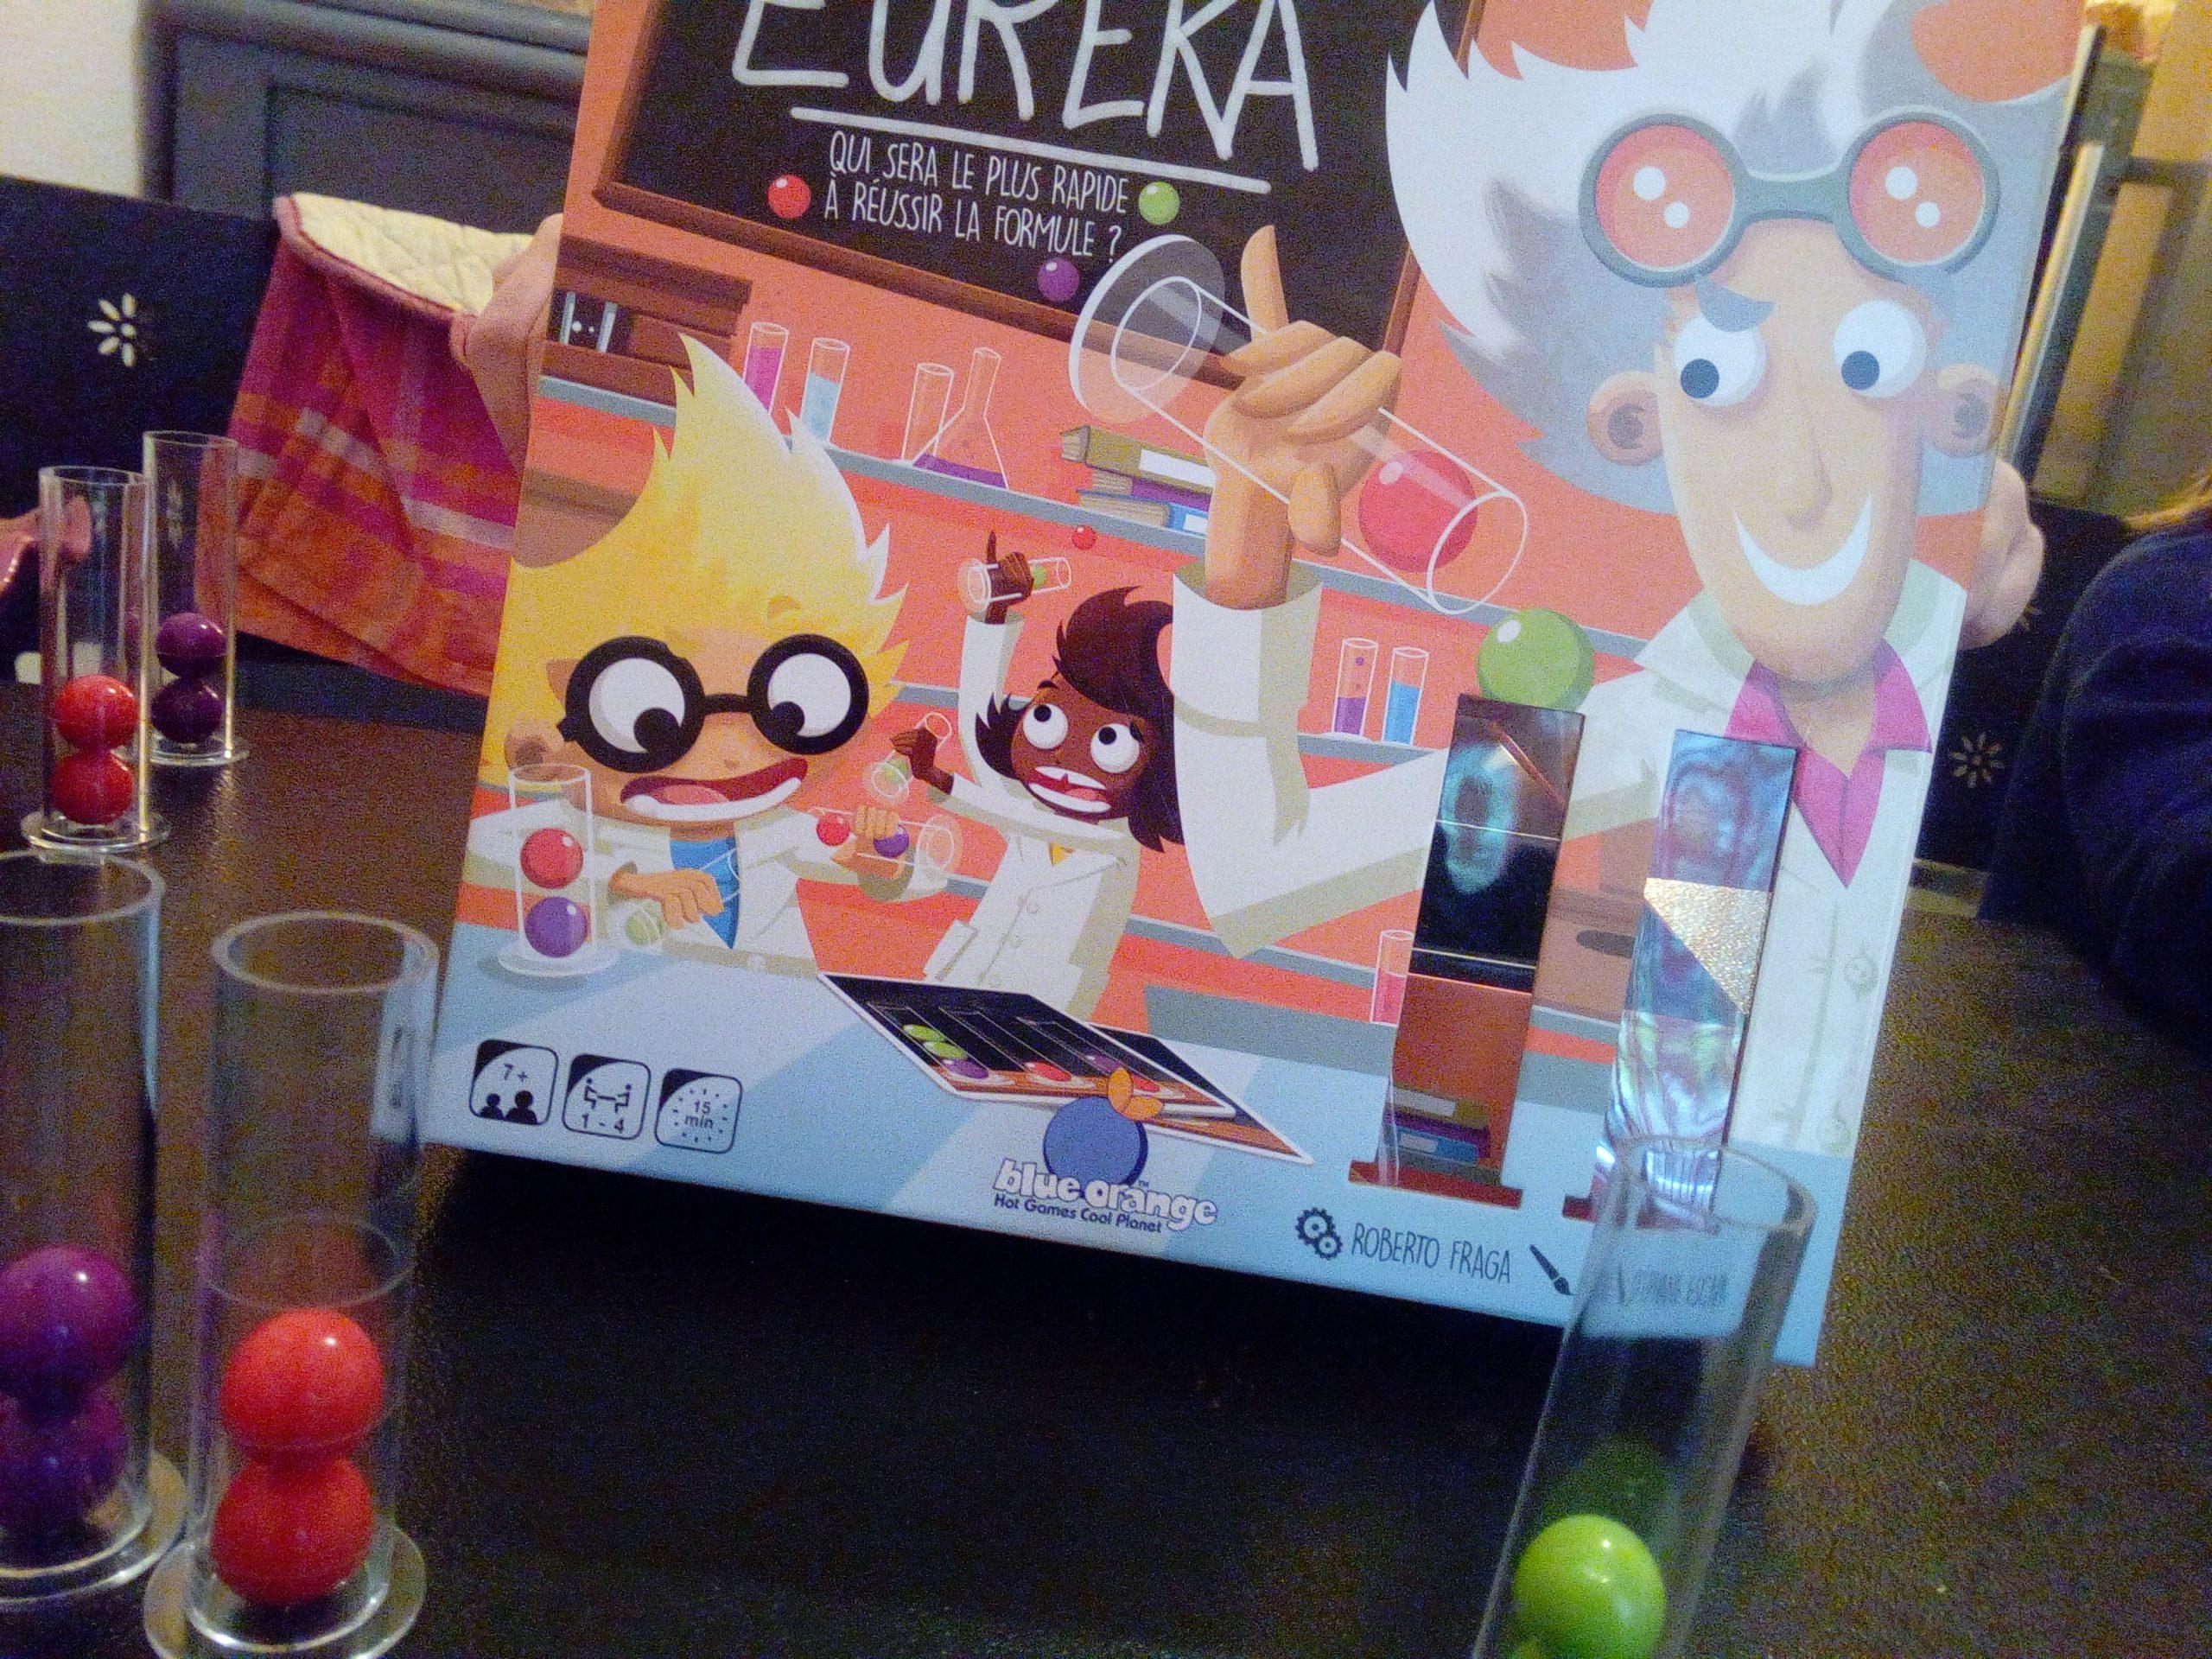 Dr Eureka : Un Excellent Jeu De Logique Et De Motricité Fine encequiconcerne Jeu Logique Enfant